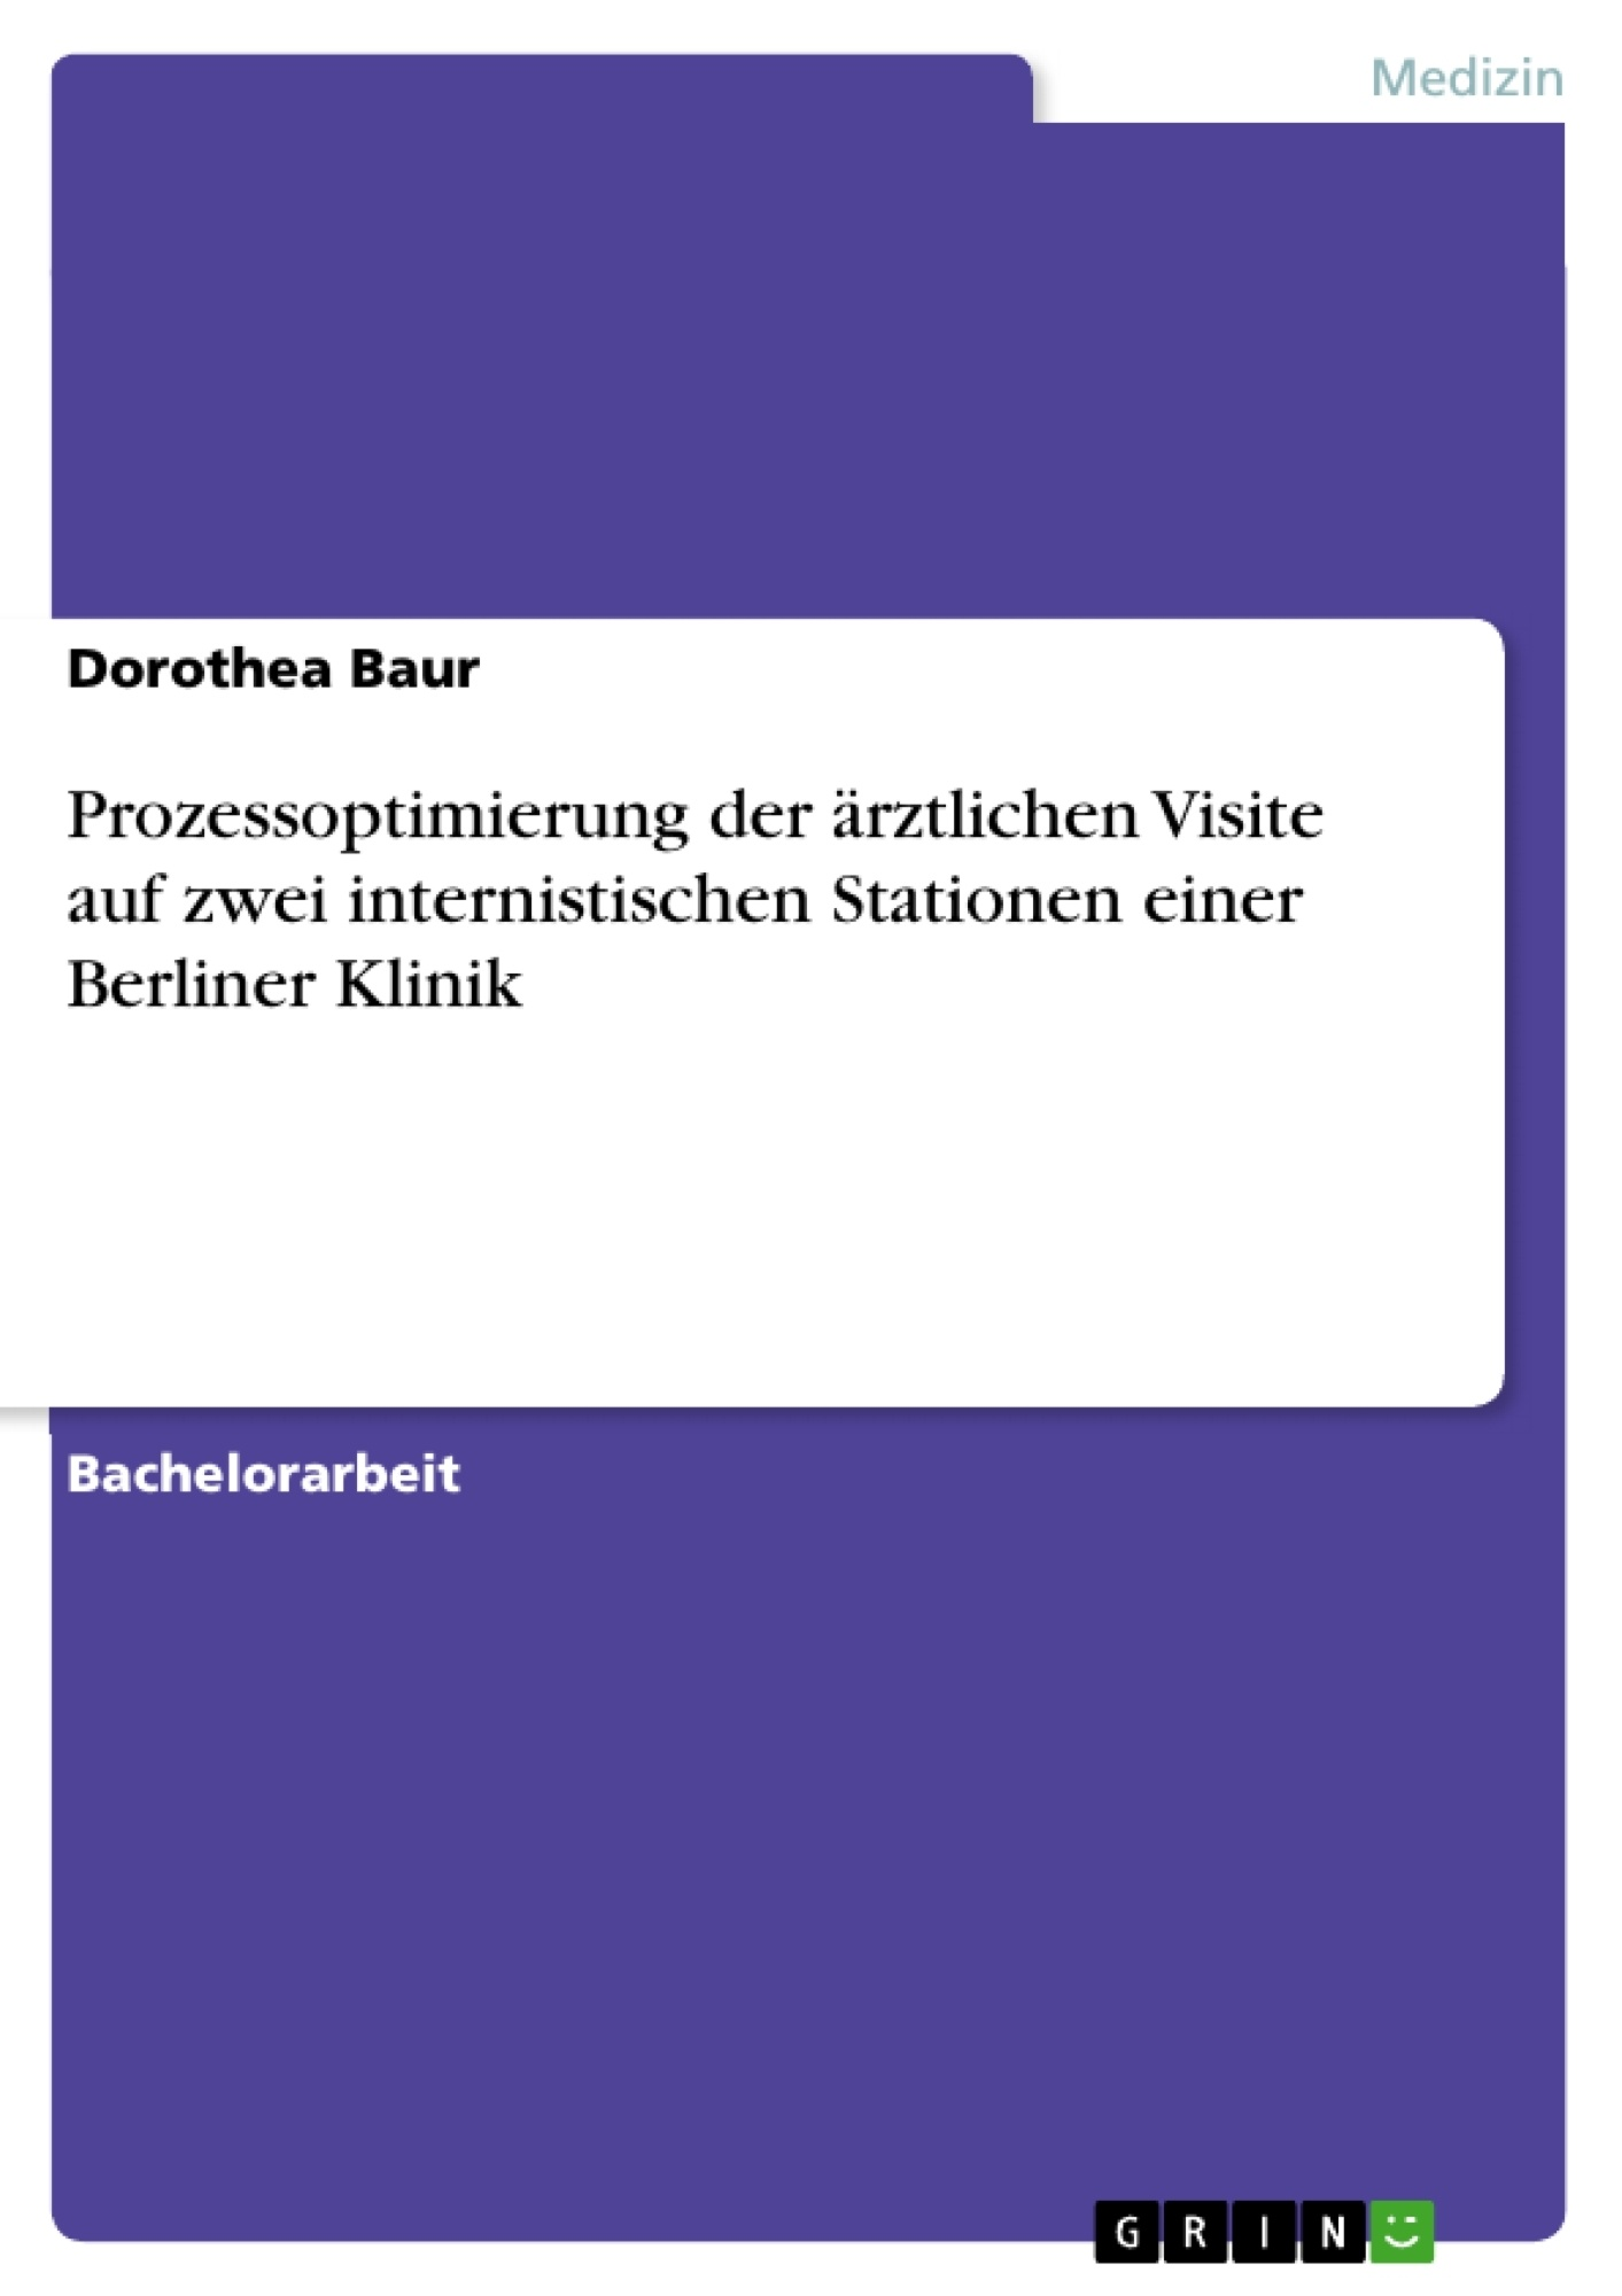 Titel: Prozessoptimierung der ärztlichen Visite auf zwei internistischen Stationen einer Berliner Klinik